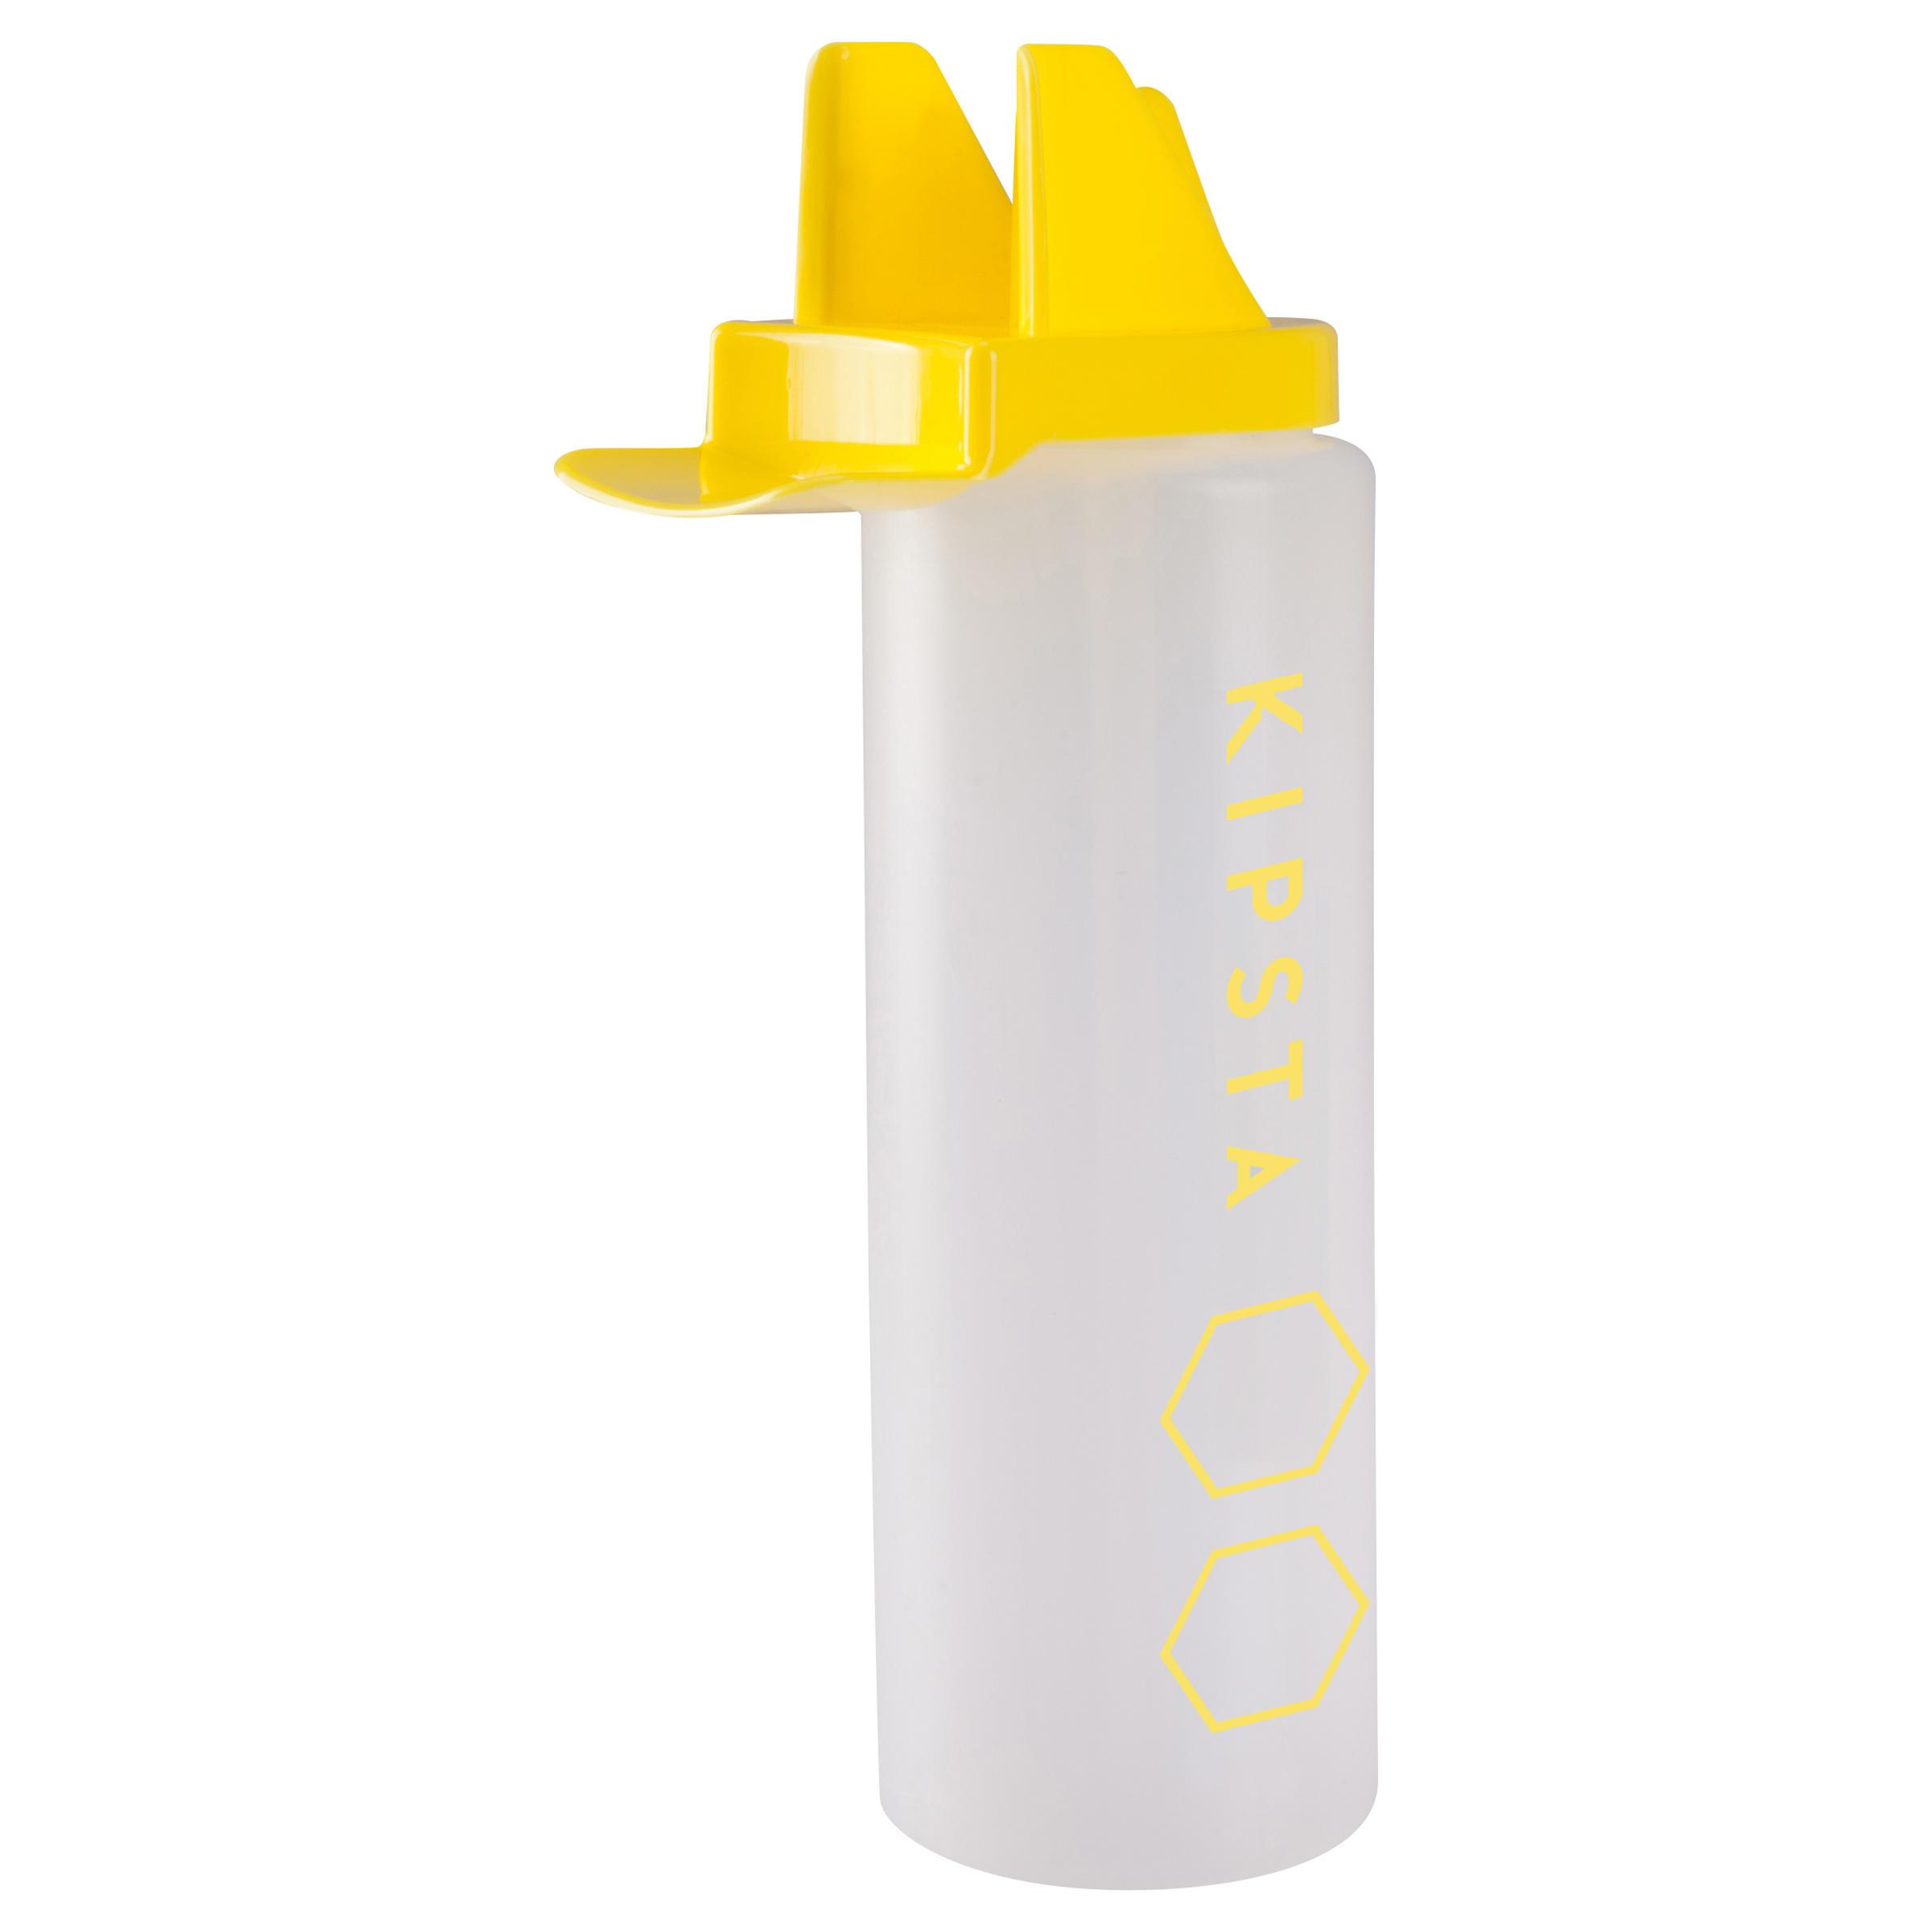 KIPSTA. Borraccia igienica 1 litro bianco-giallo